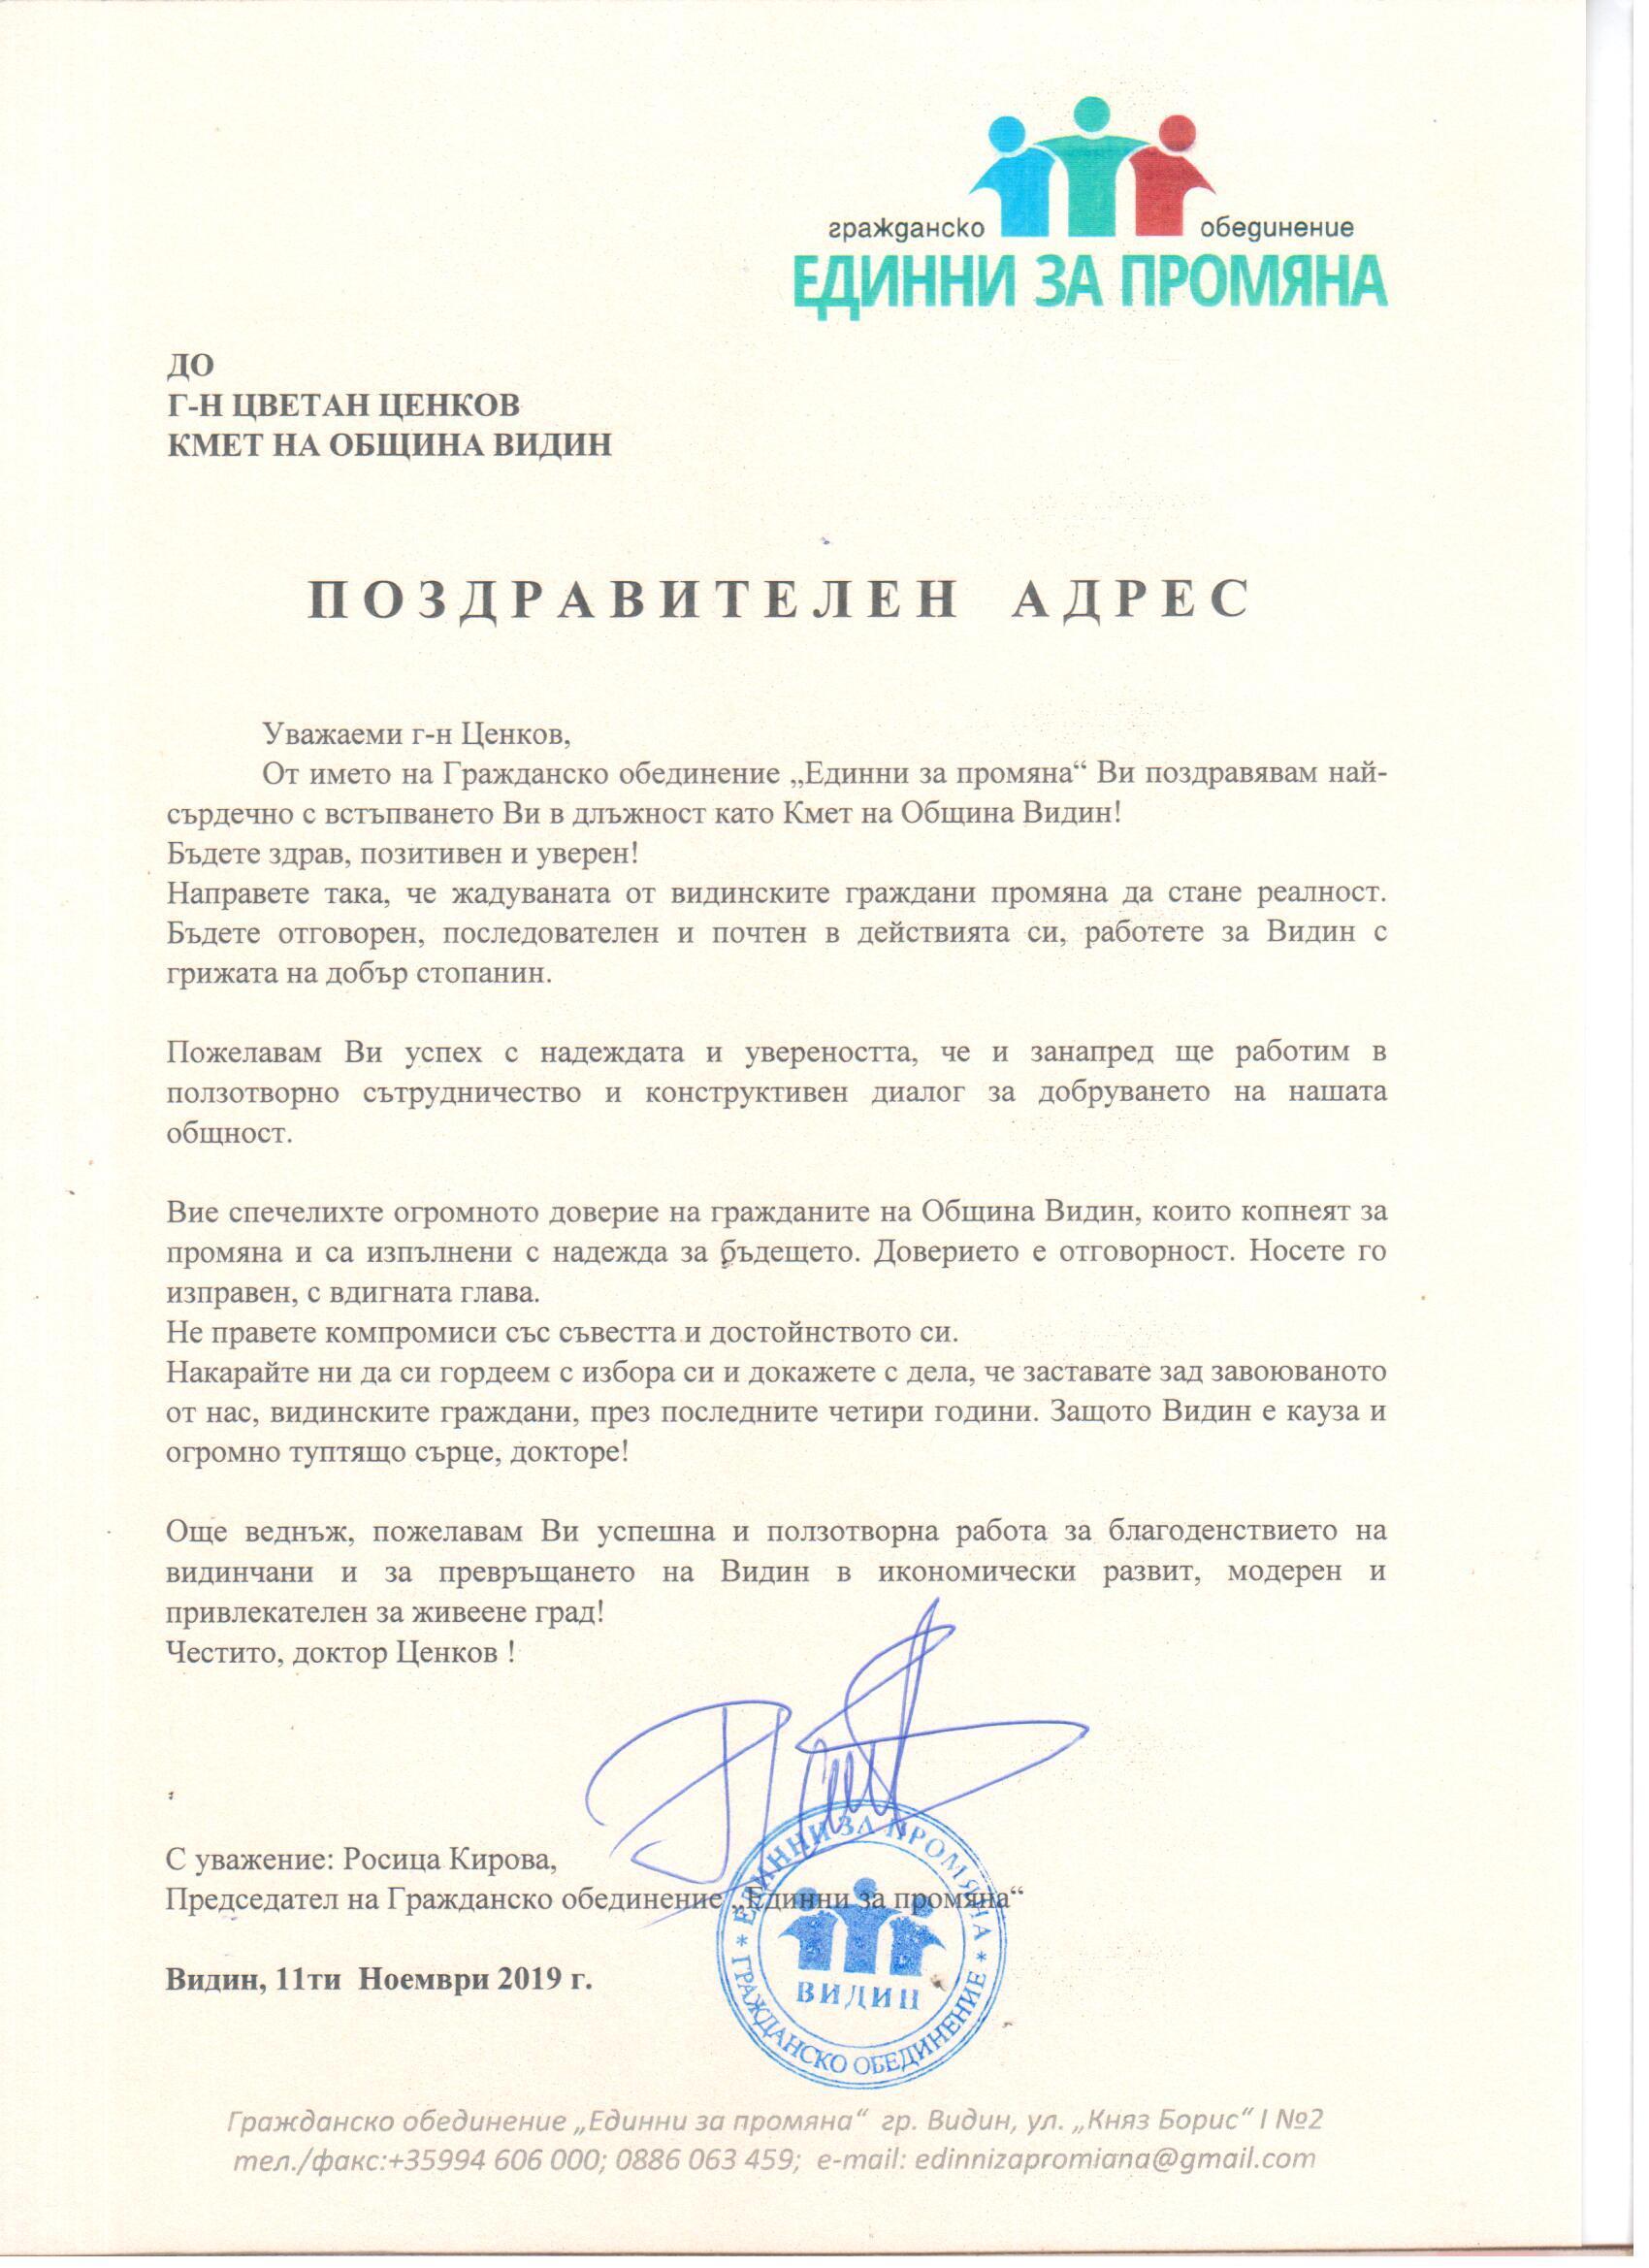 """Поздравителен адрес от Гражданско обединение """"Единни за промяна"""" до д-р Цветан Ценков"""